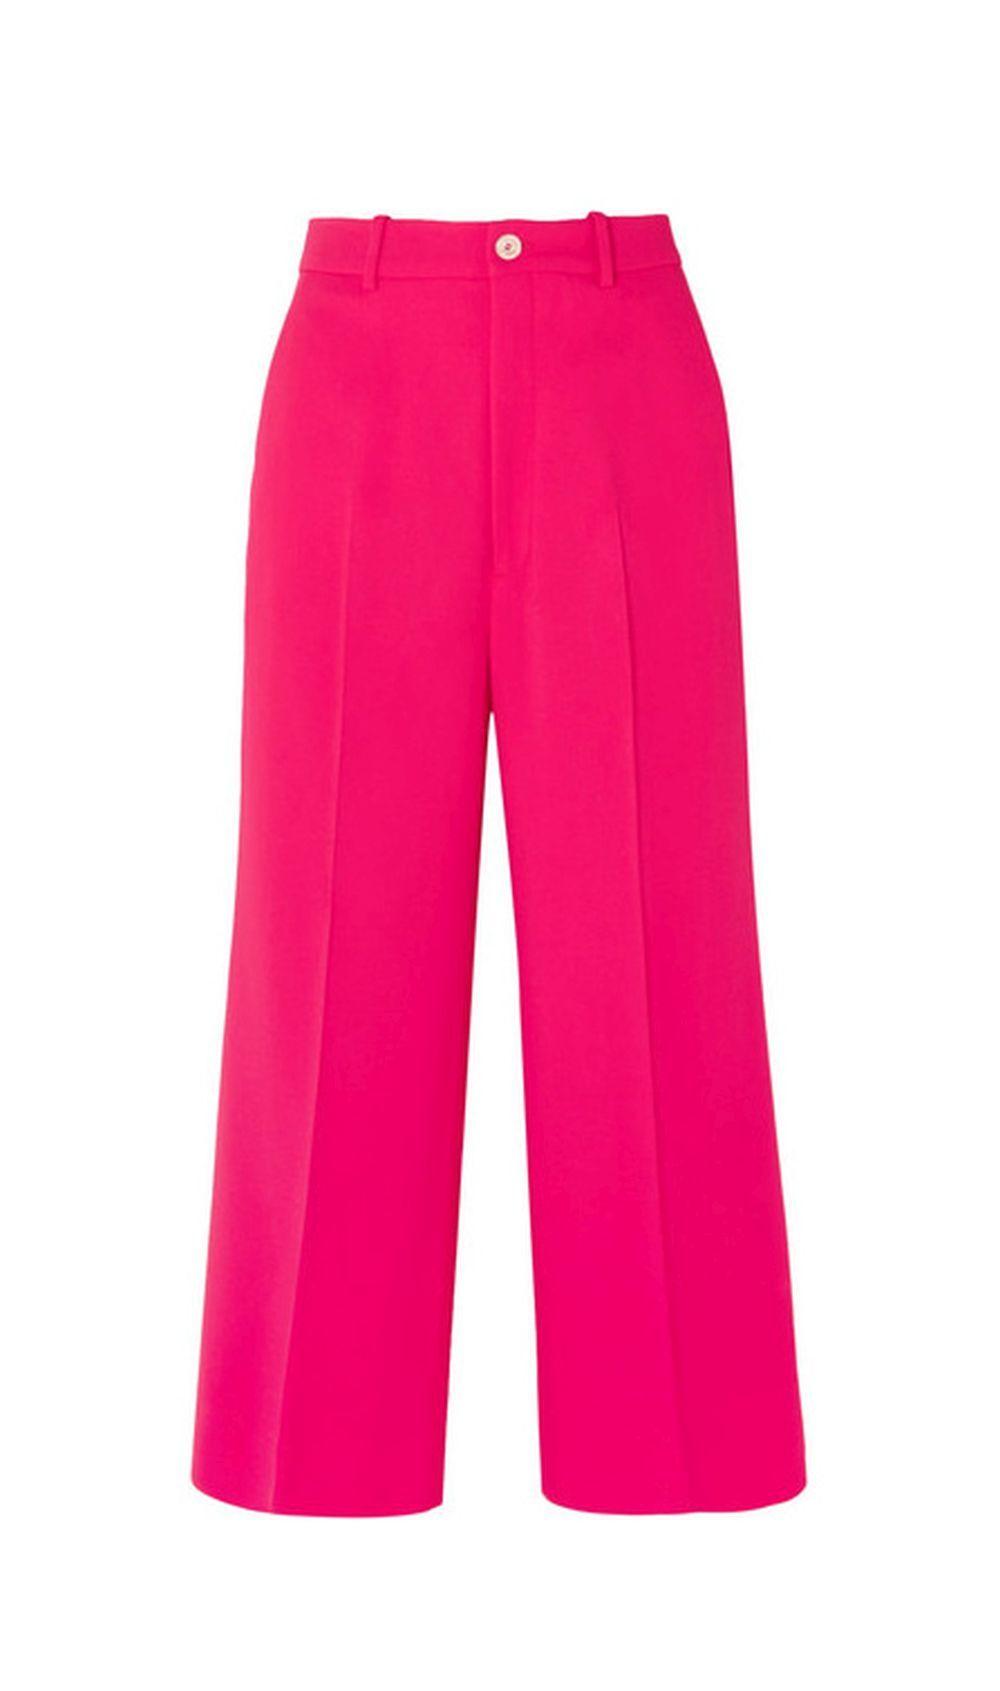 Pantalón rosa de Gucci.